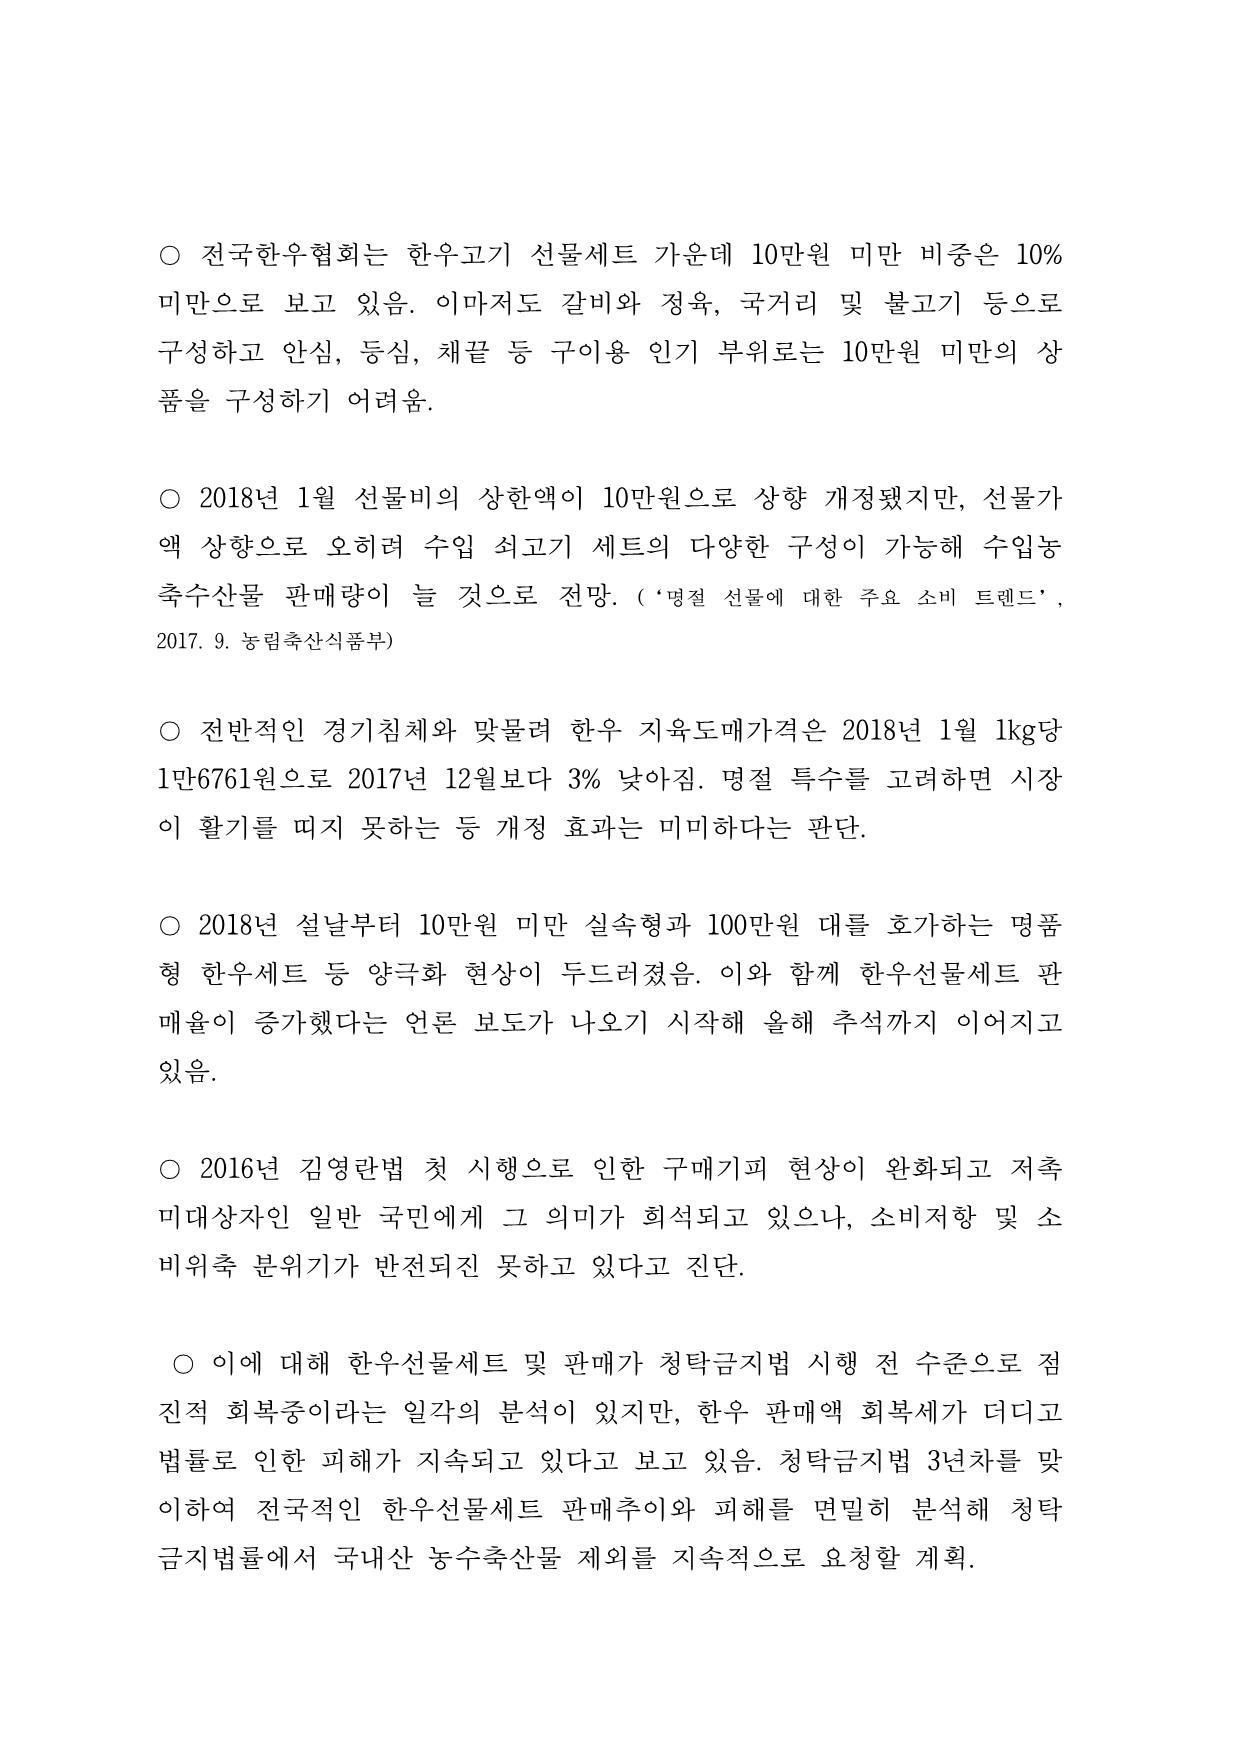 20190925 청탁금지법 관련 전국한우협회 입장_2.png